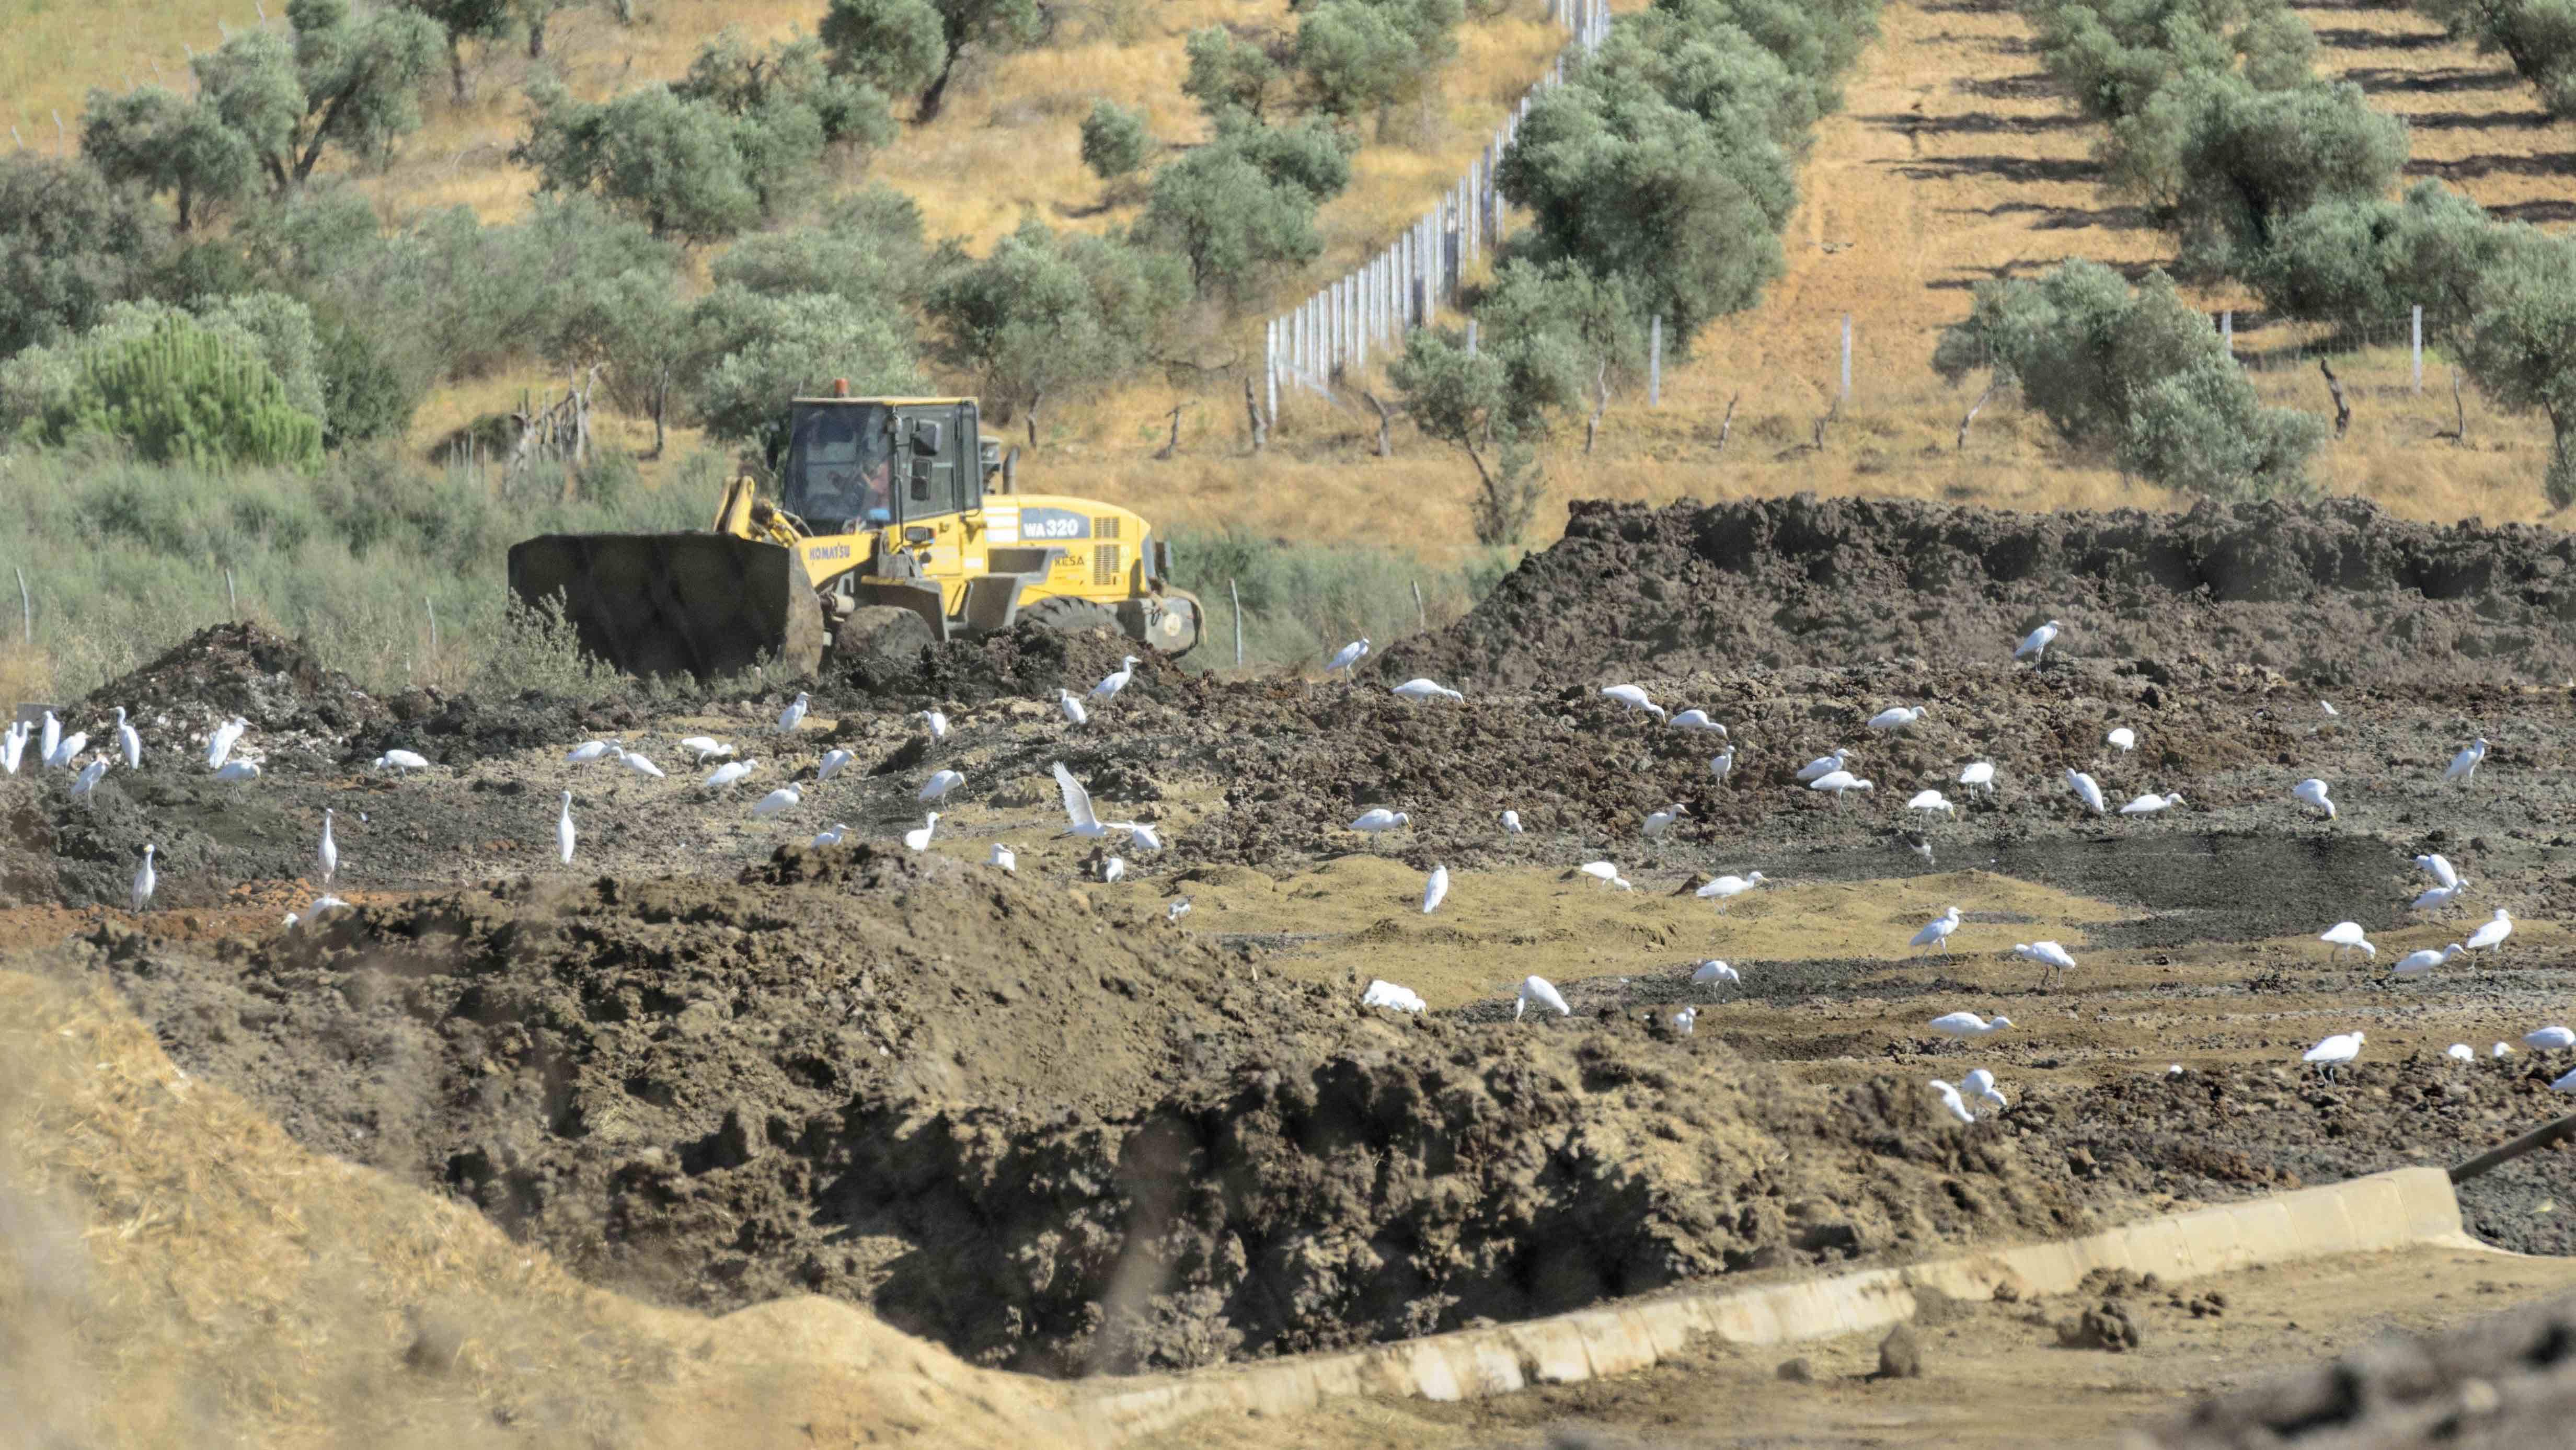 La oposición señala a la planta de compostaje El Raigal como causante de los malos olores